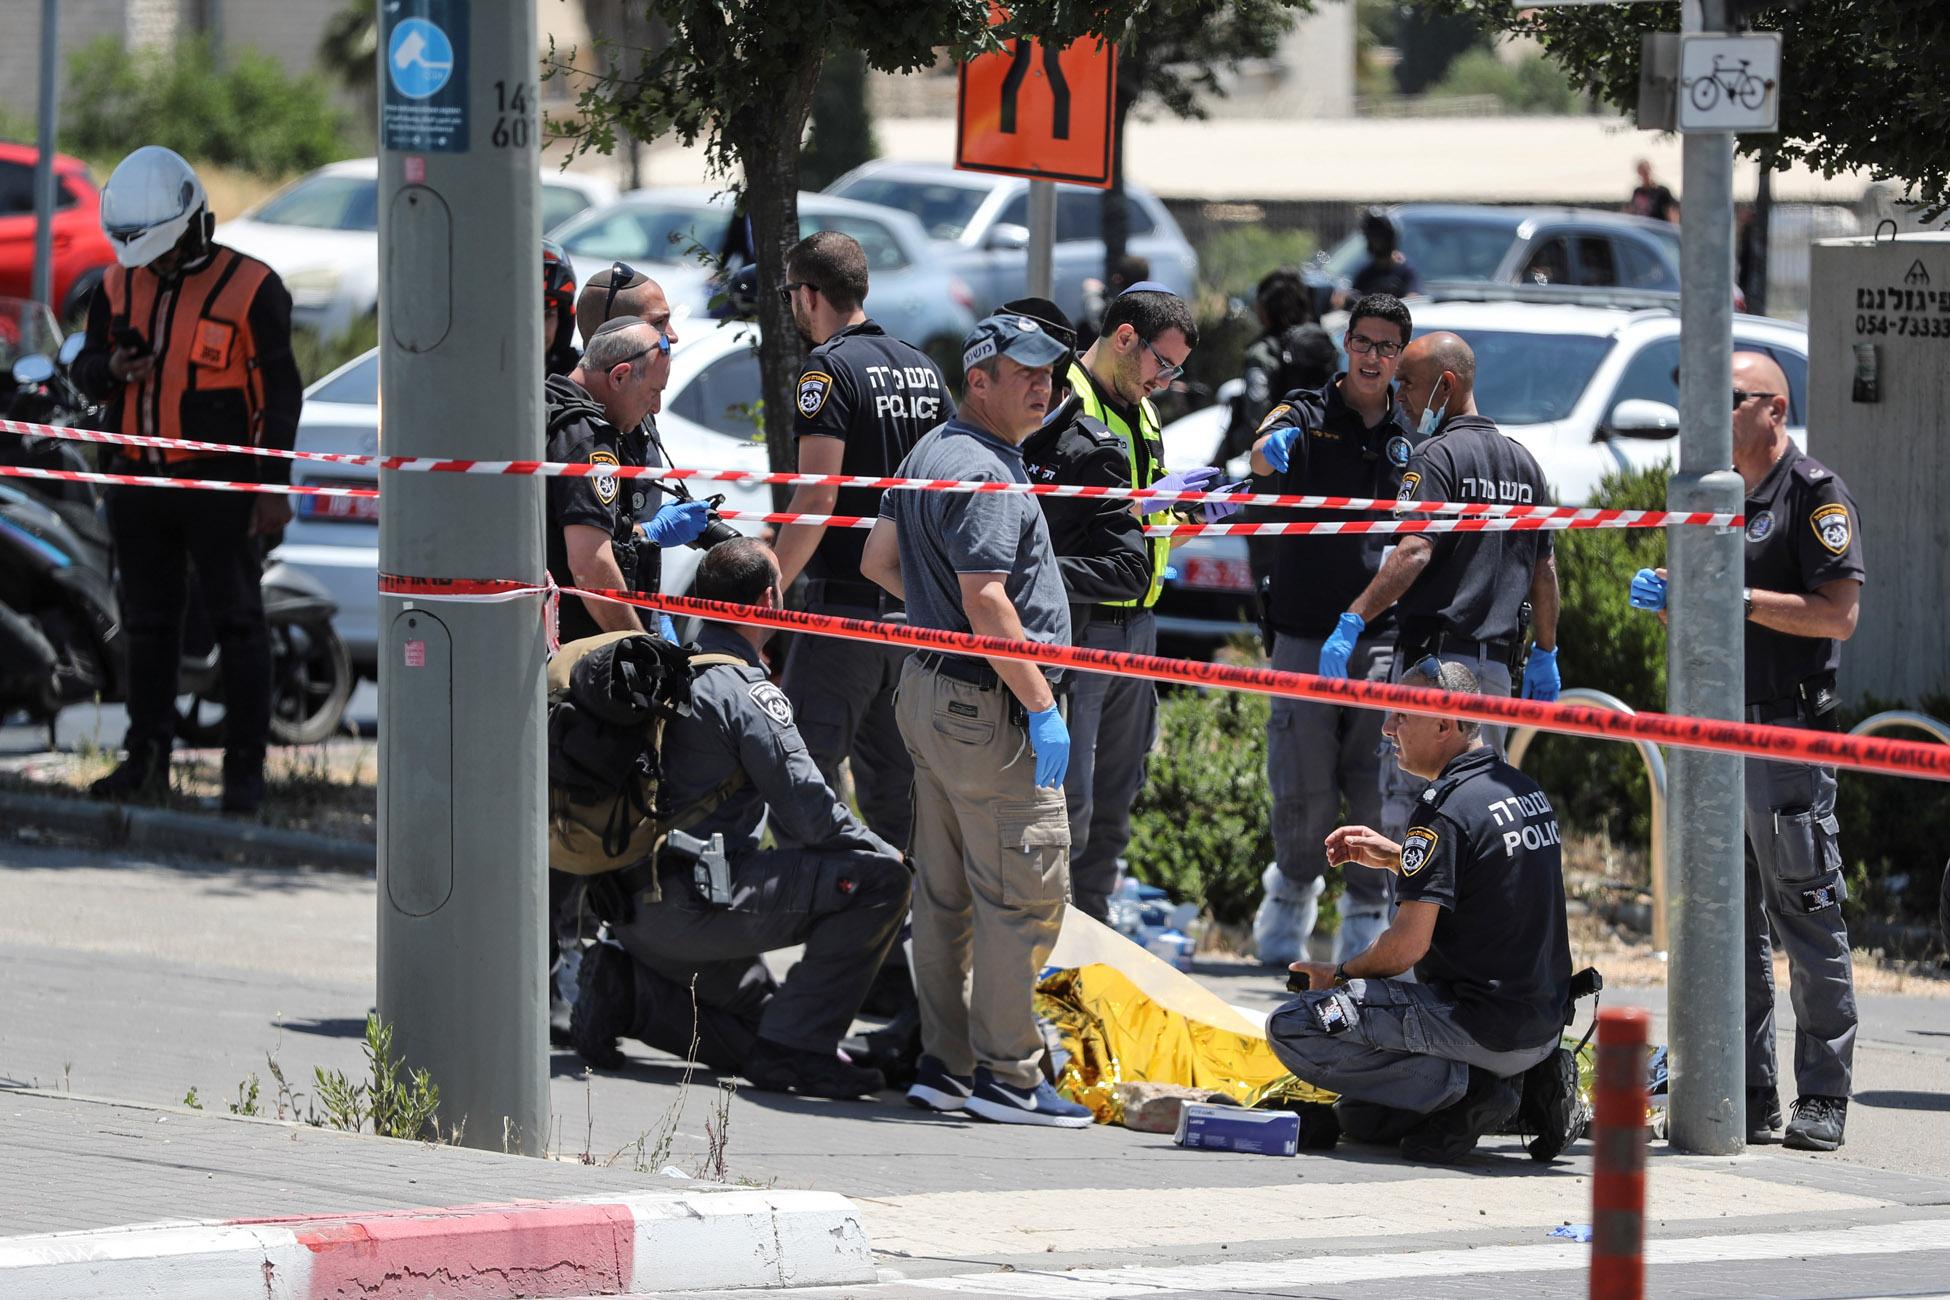 Ισραήλ: Ένα νεκρός παλαιστίνιος και δυο ισραηλινοί τραυματίες μετά από νέες συμπλοκές